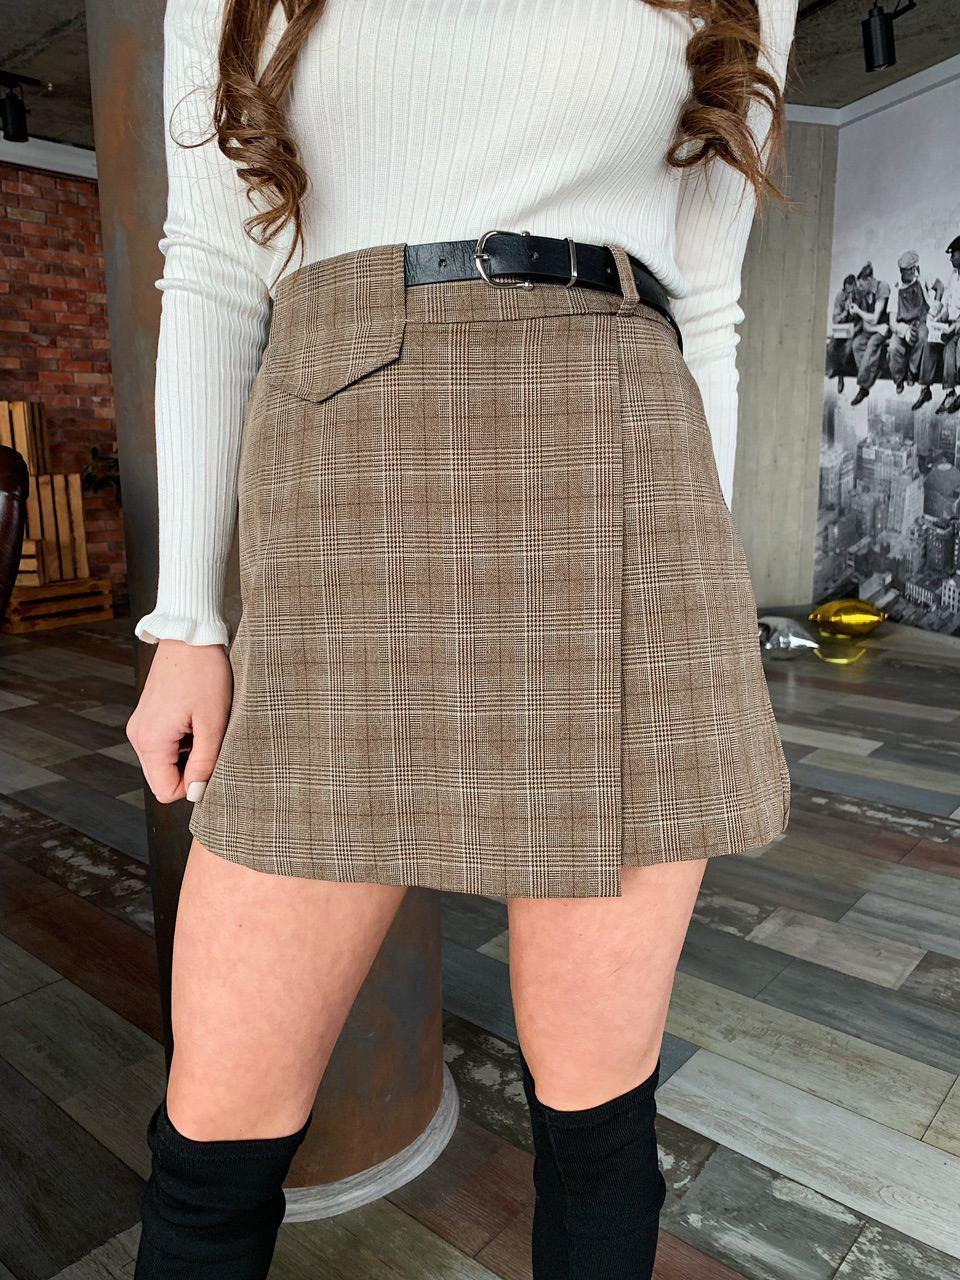 Женская юбка - шорты в клетку из костюмной ткани, р. 42 и 44 6811426